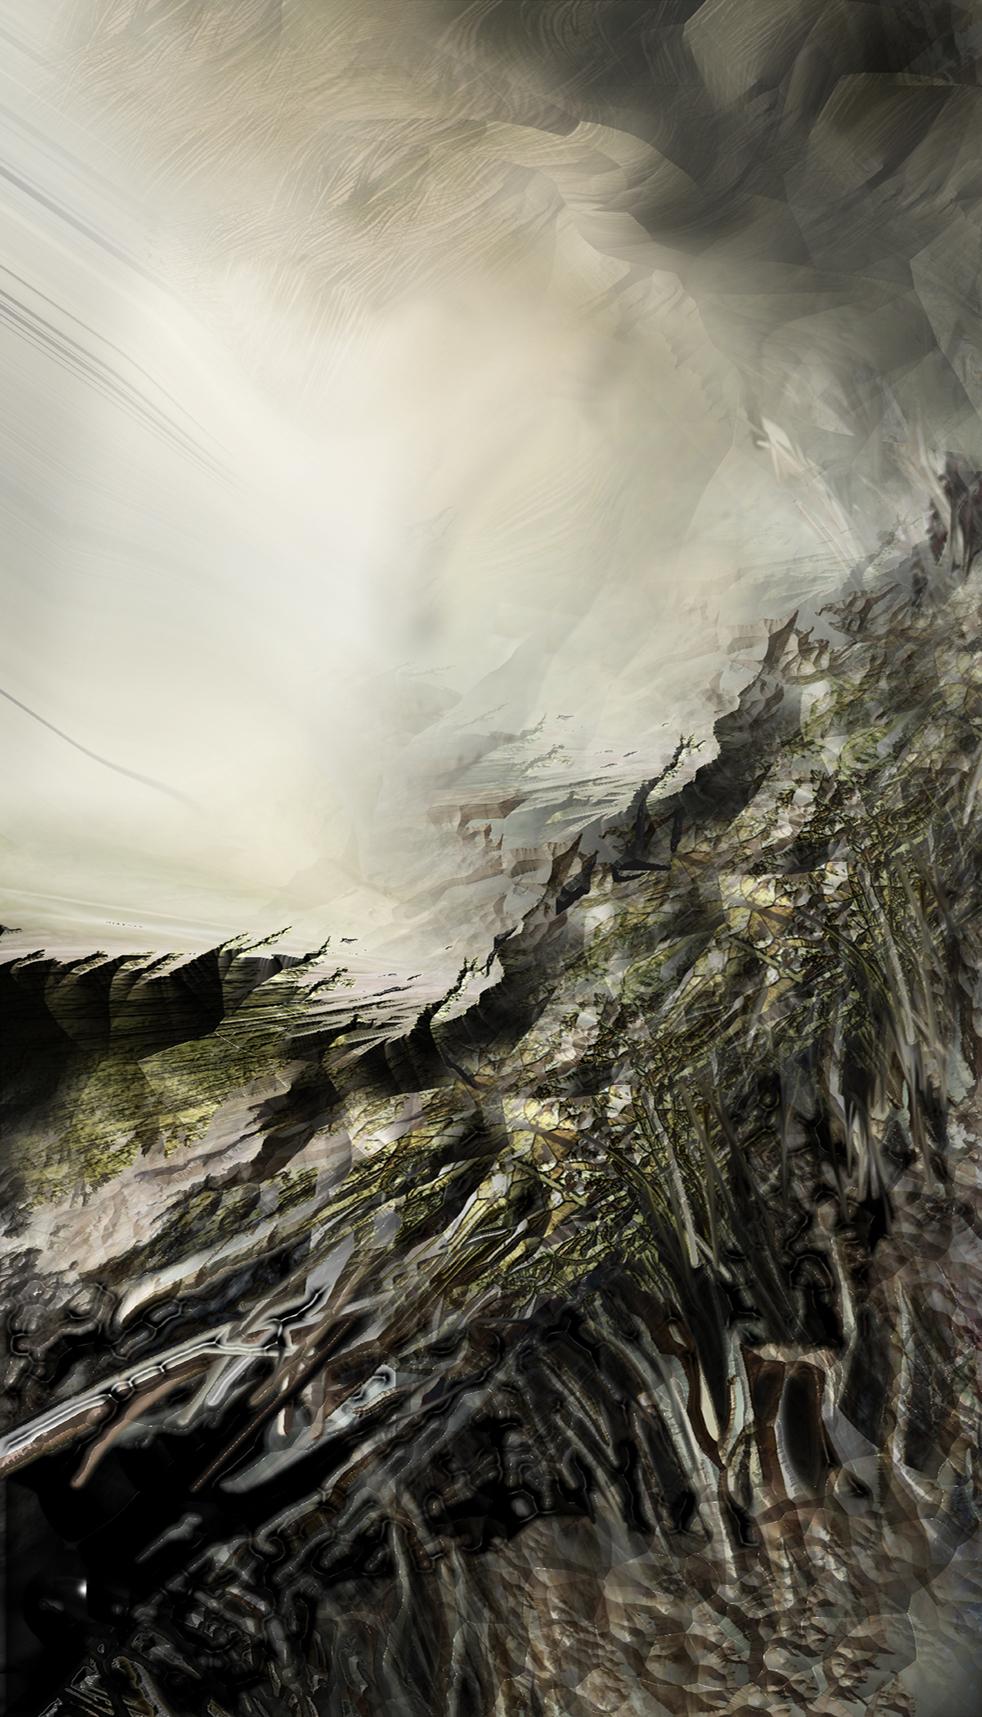 Góry 7, Obumieranie, 64x33 cm,1999.jpg